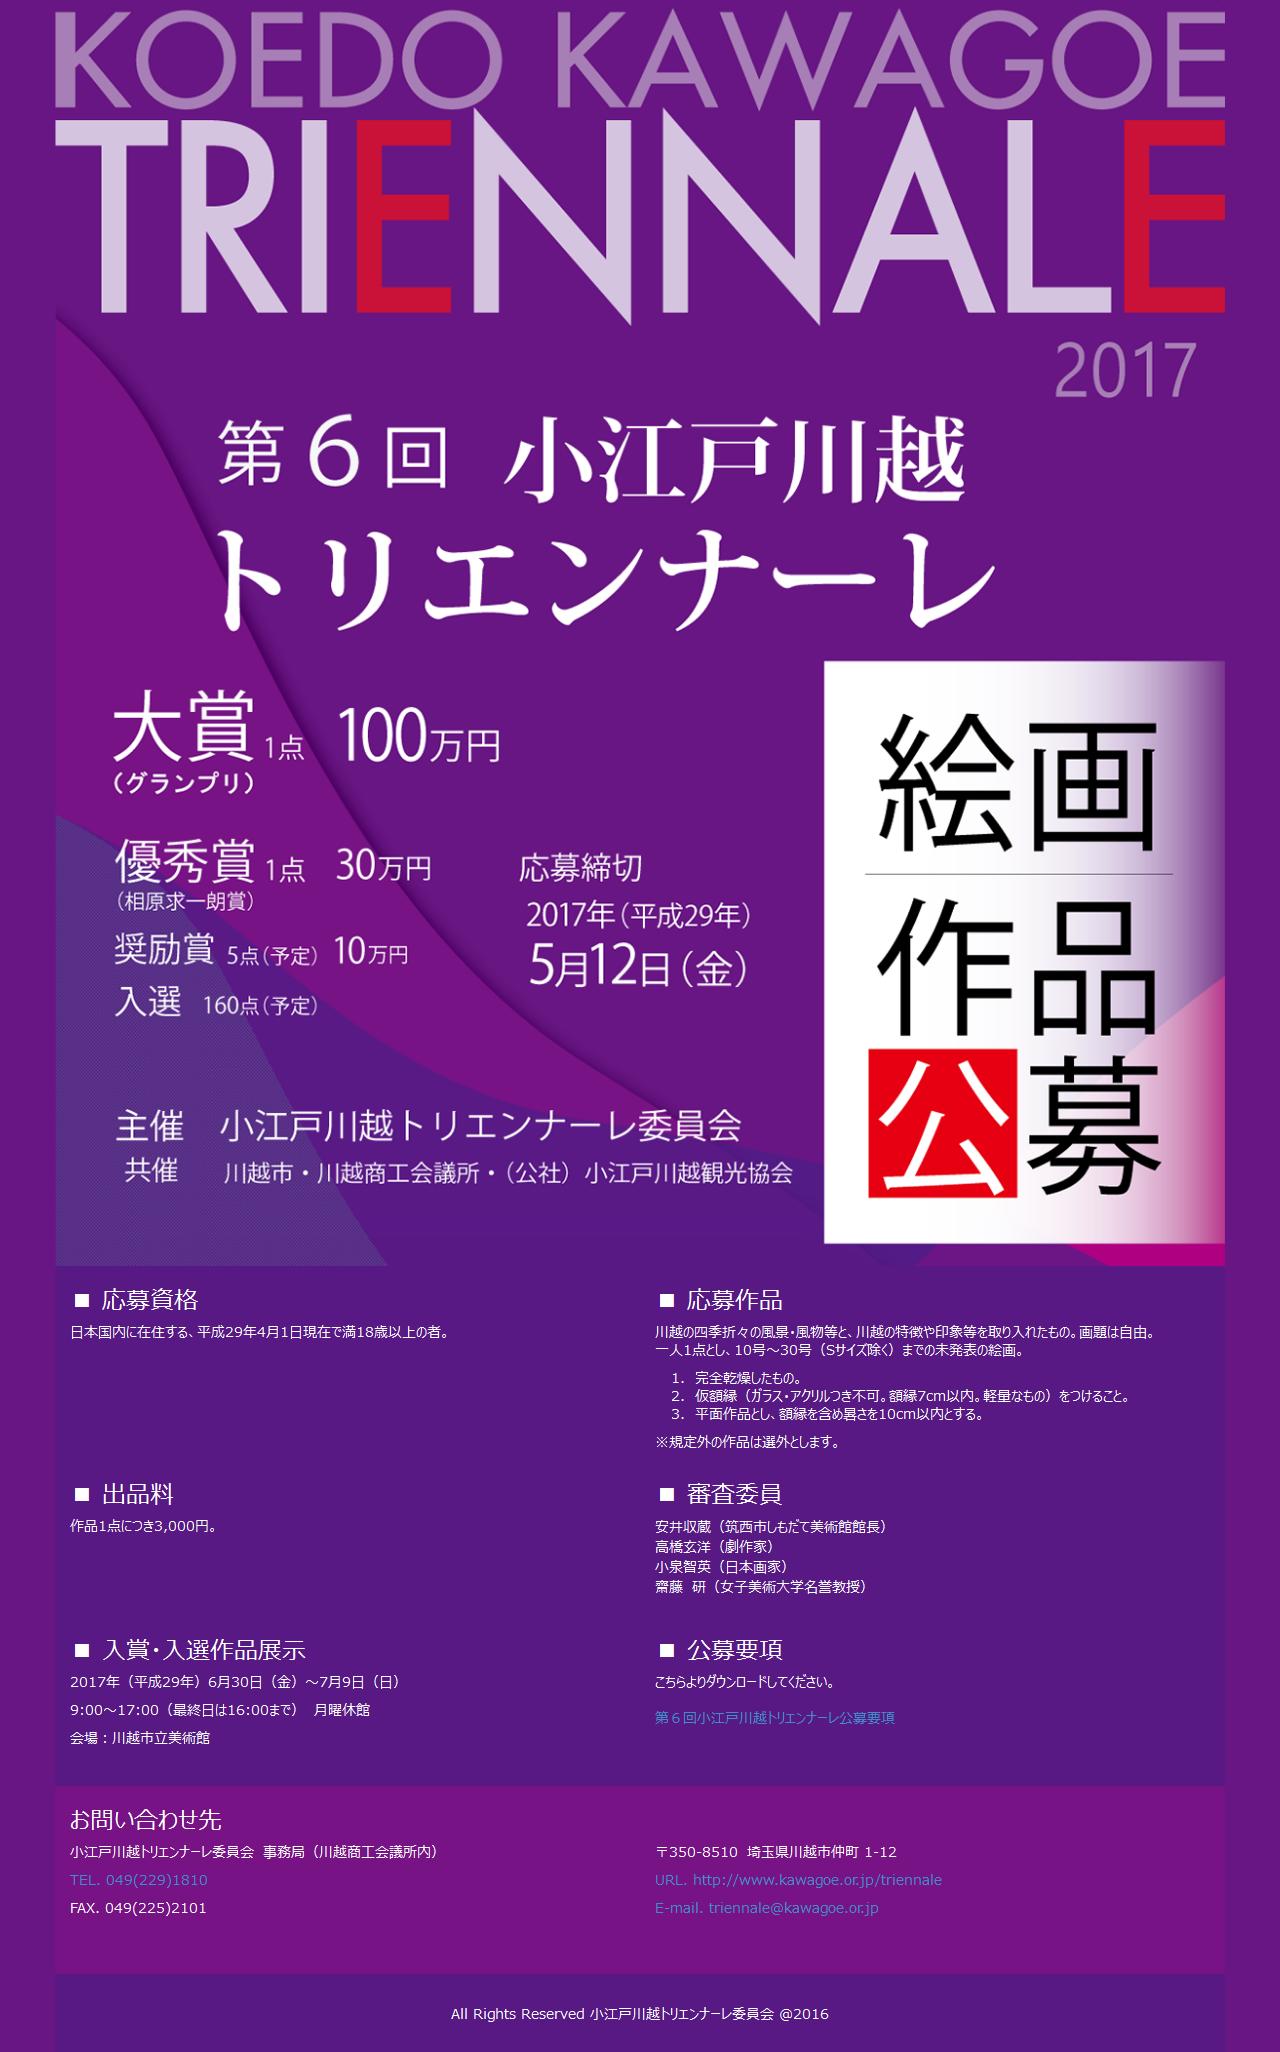 小江戸川越トリエンナーレ委員会様公式ホームページ_PC表示